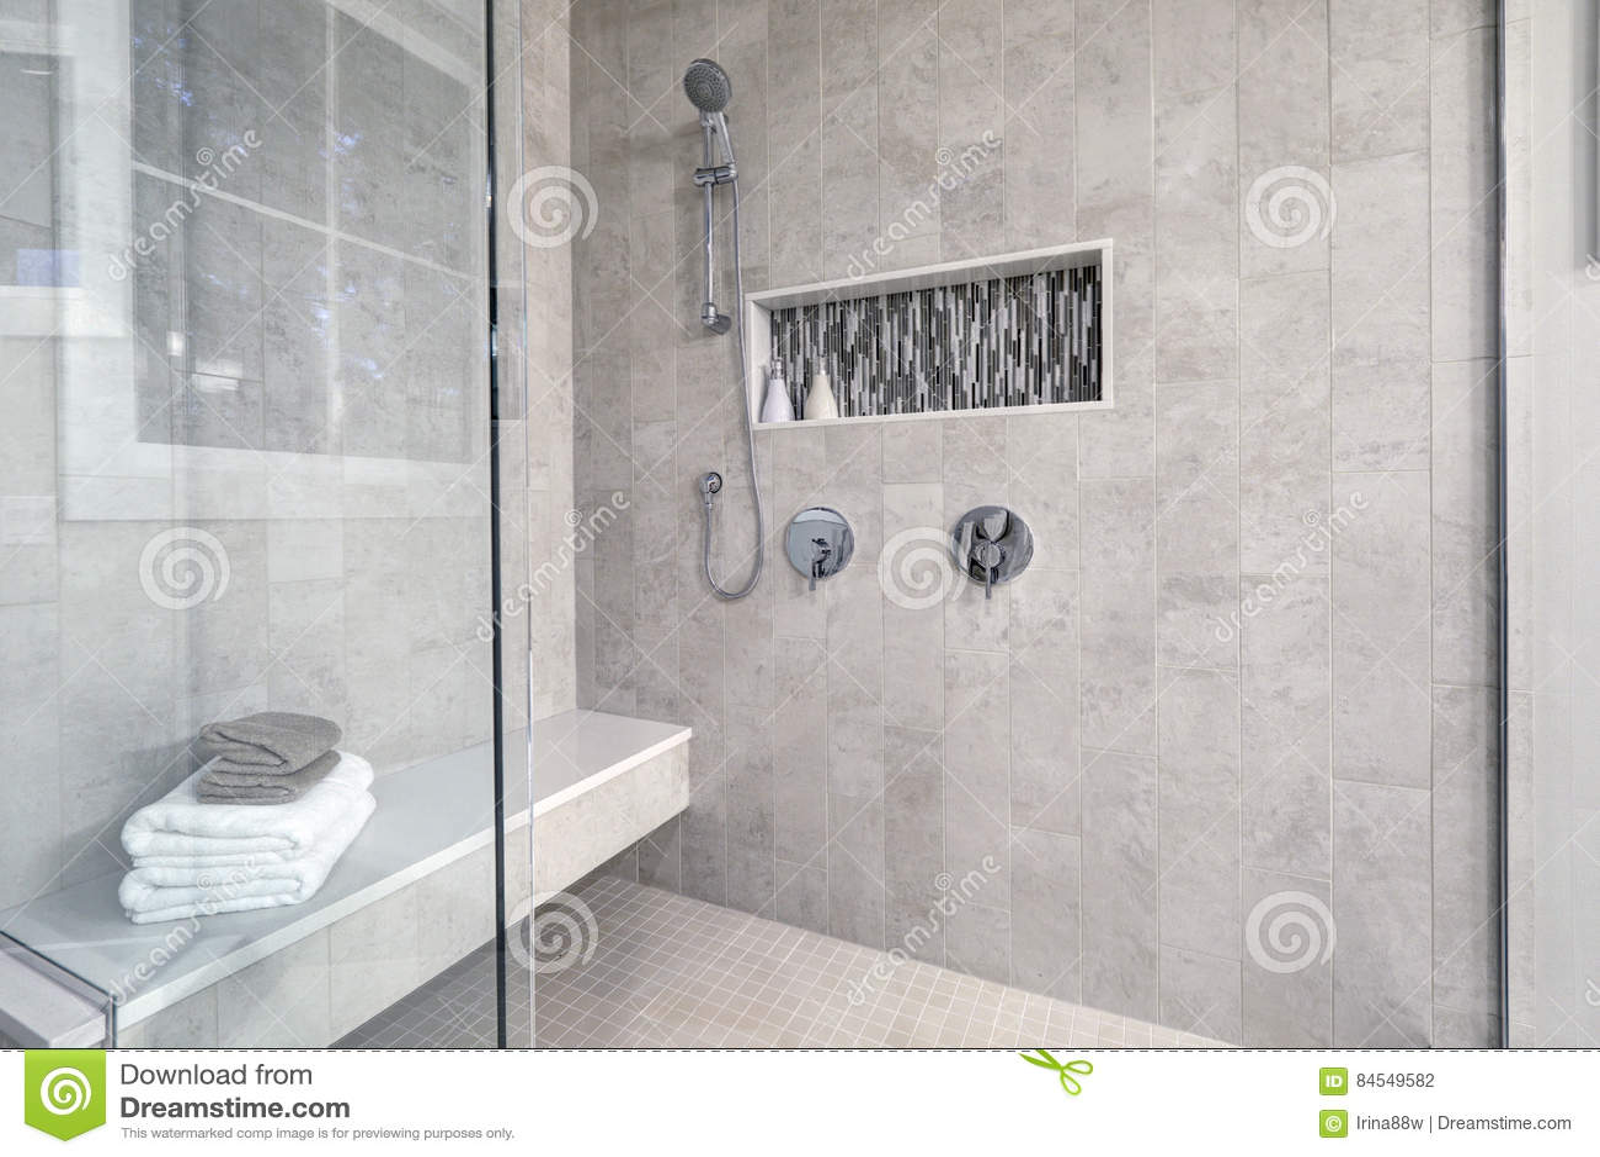 Douche de plain-pied en verre dans une salle de bains maison de toute neuve